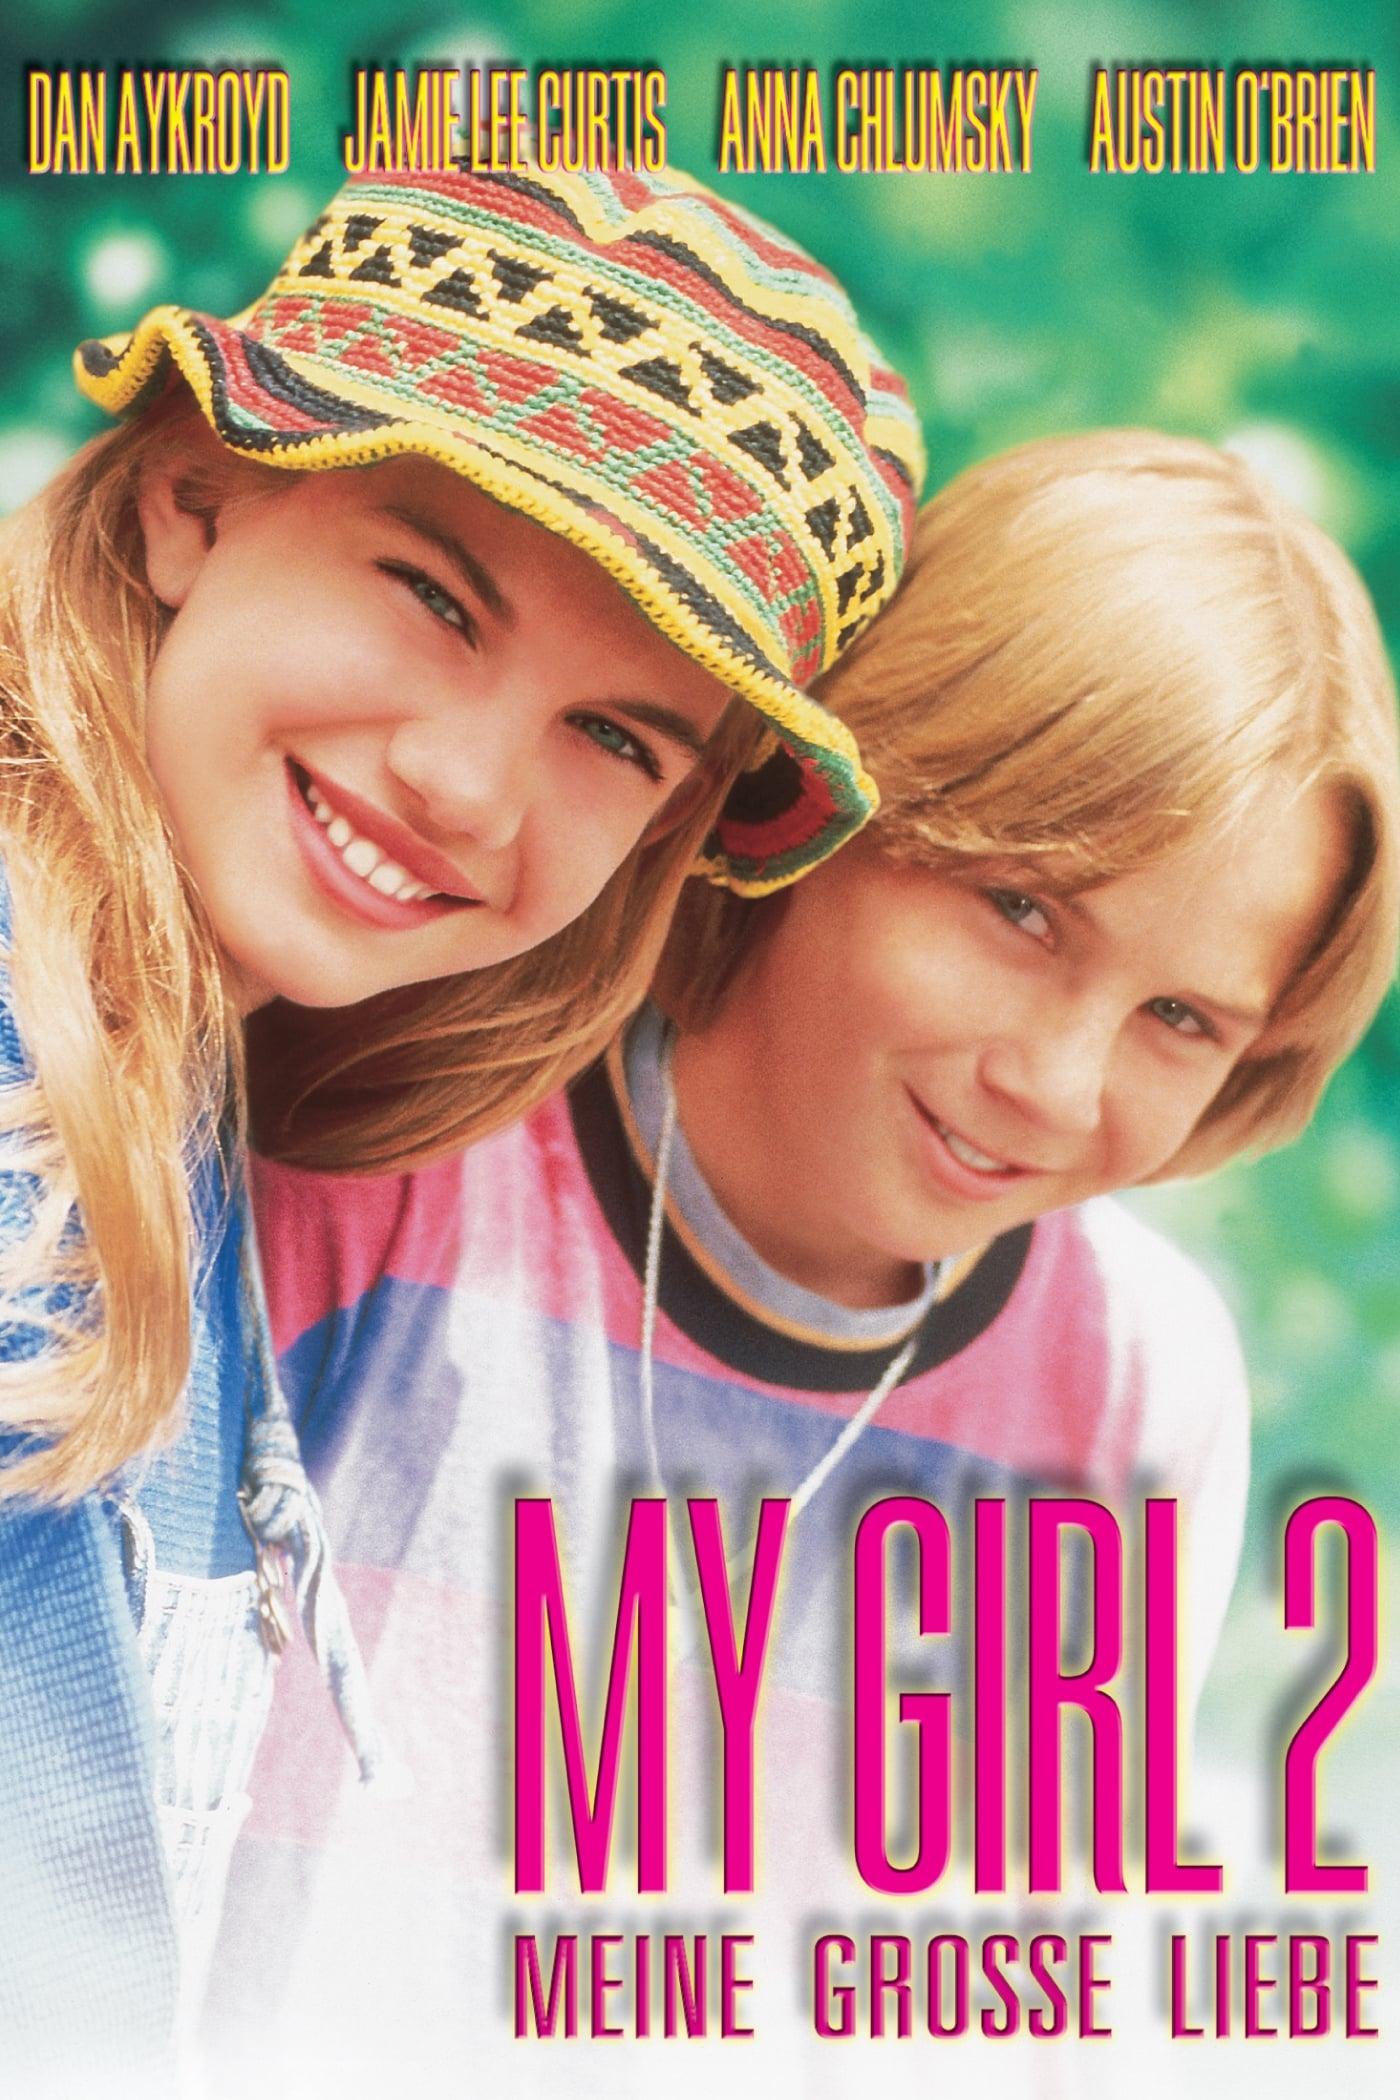 My Girl 2 - Meine grosse Liebe (1994) Ganzer Film Deutsch